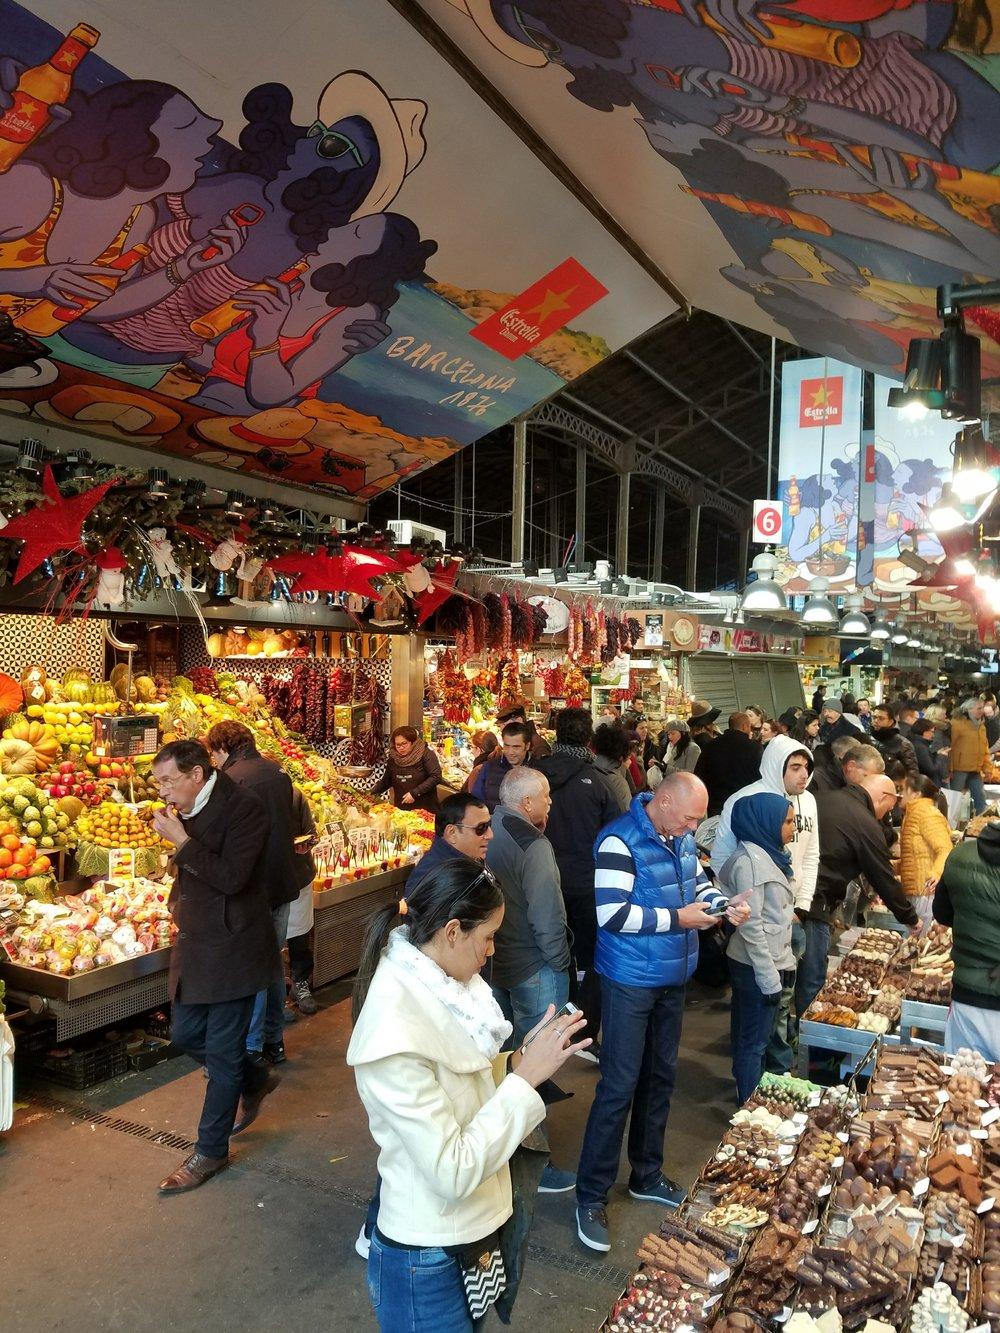 Mercado de Boqueria